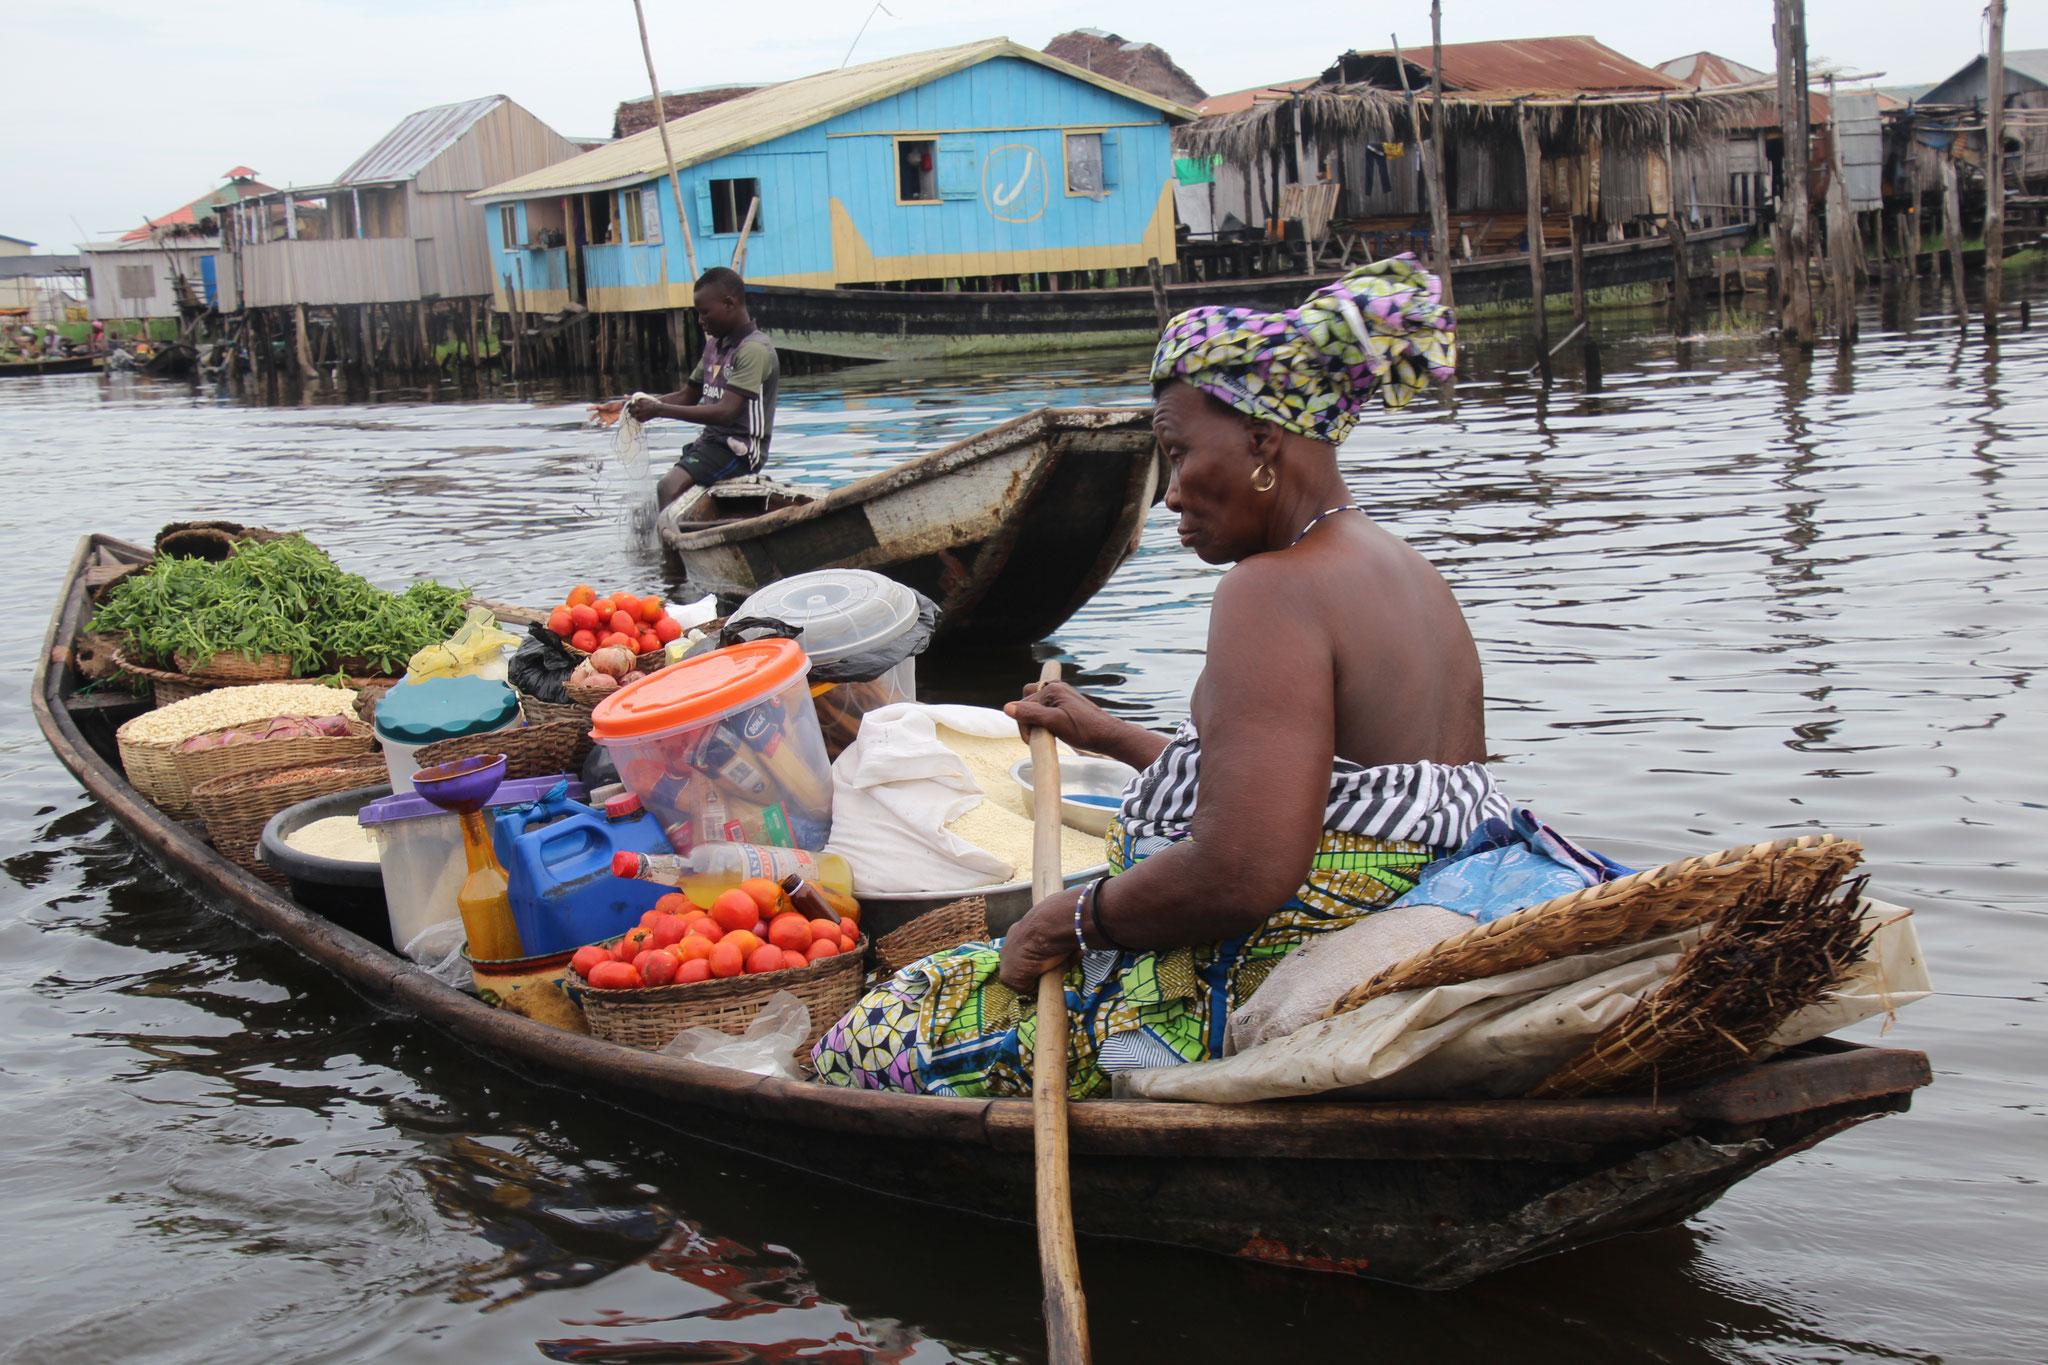 Sie verkauft Gemüse. Der schwimmende Markt von Ganvie Benin.